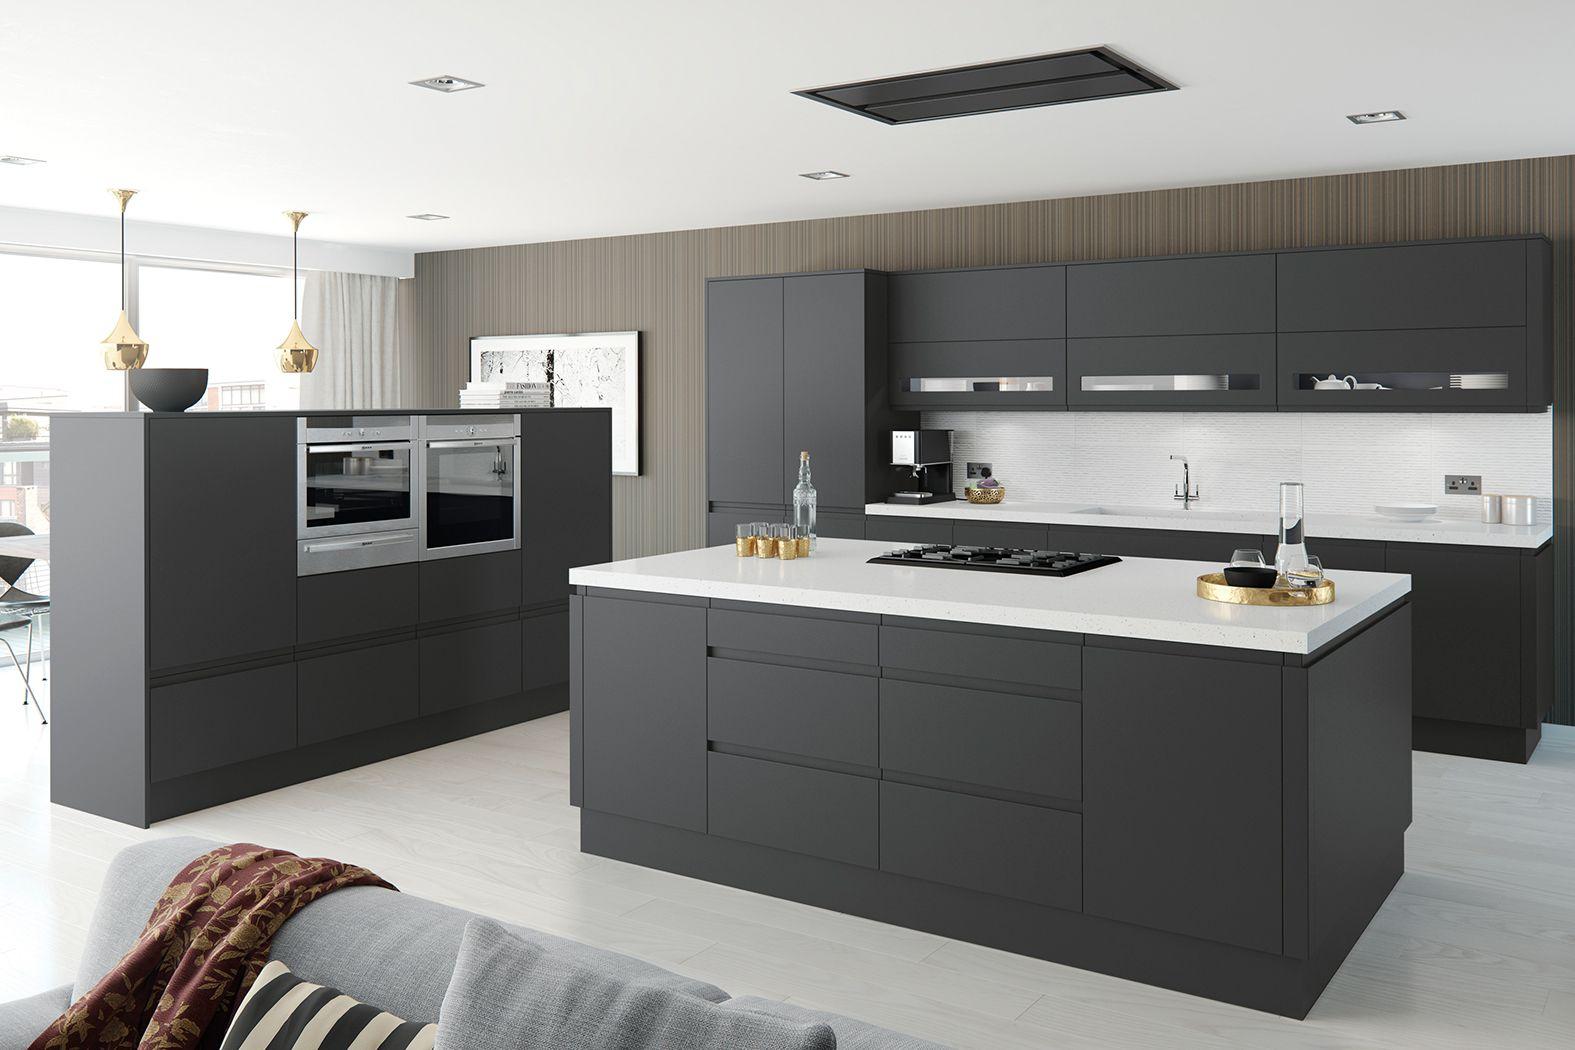 Cheap Kitchens Discount Kitchens For Sale Online Cheap Kitchen Cabinets Matt Anthracite The Rich Dark Ton Handleless Kitchen Kitchen Units Kitchen Design